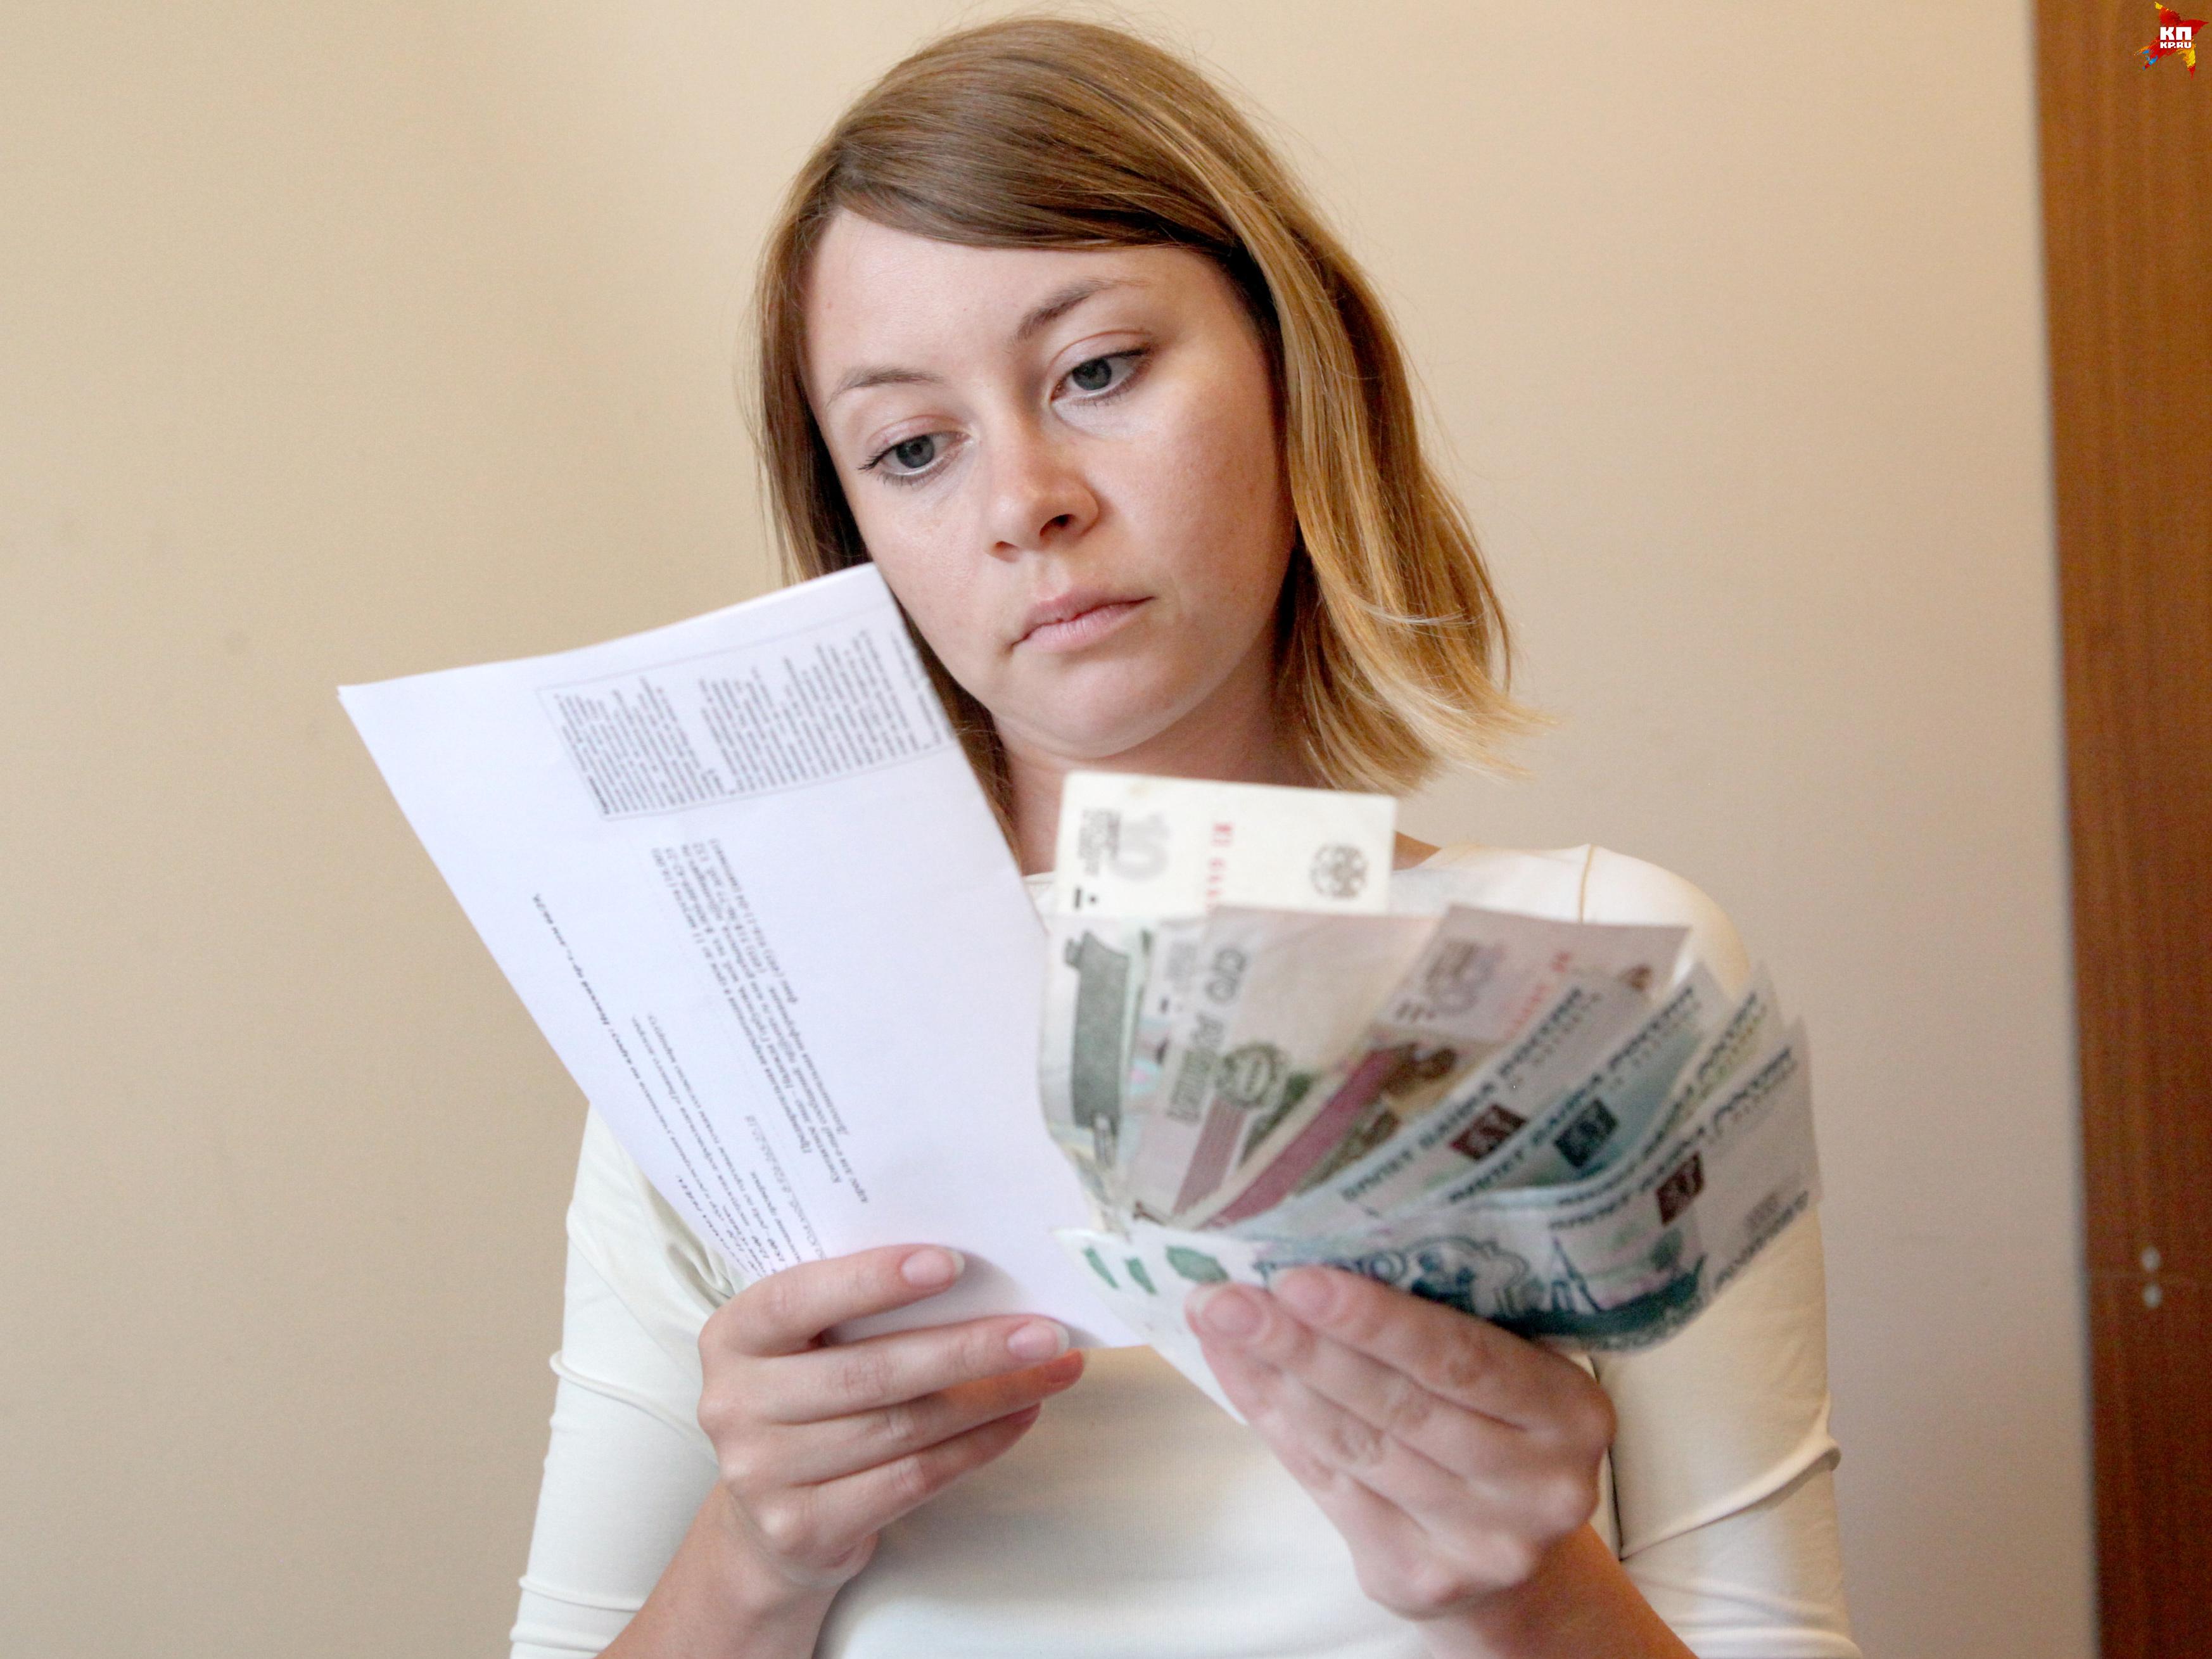 Насколько увеличились тарифы наЖКХ вБашкирии?